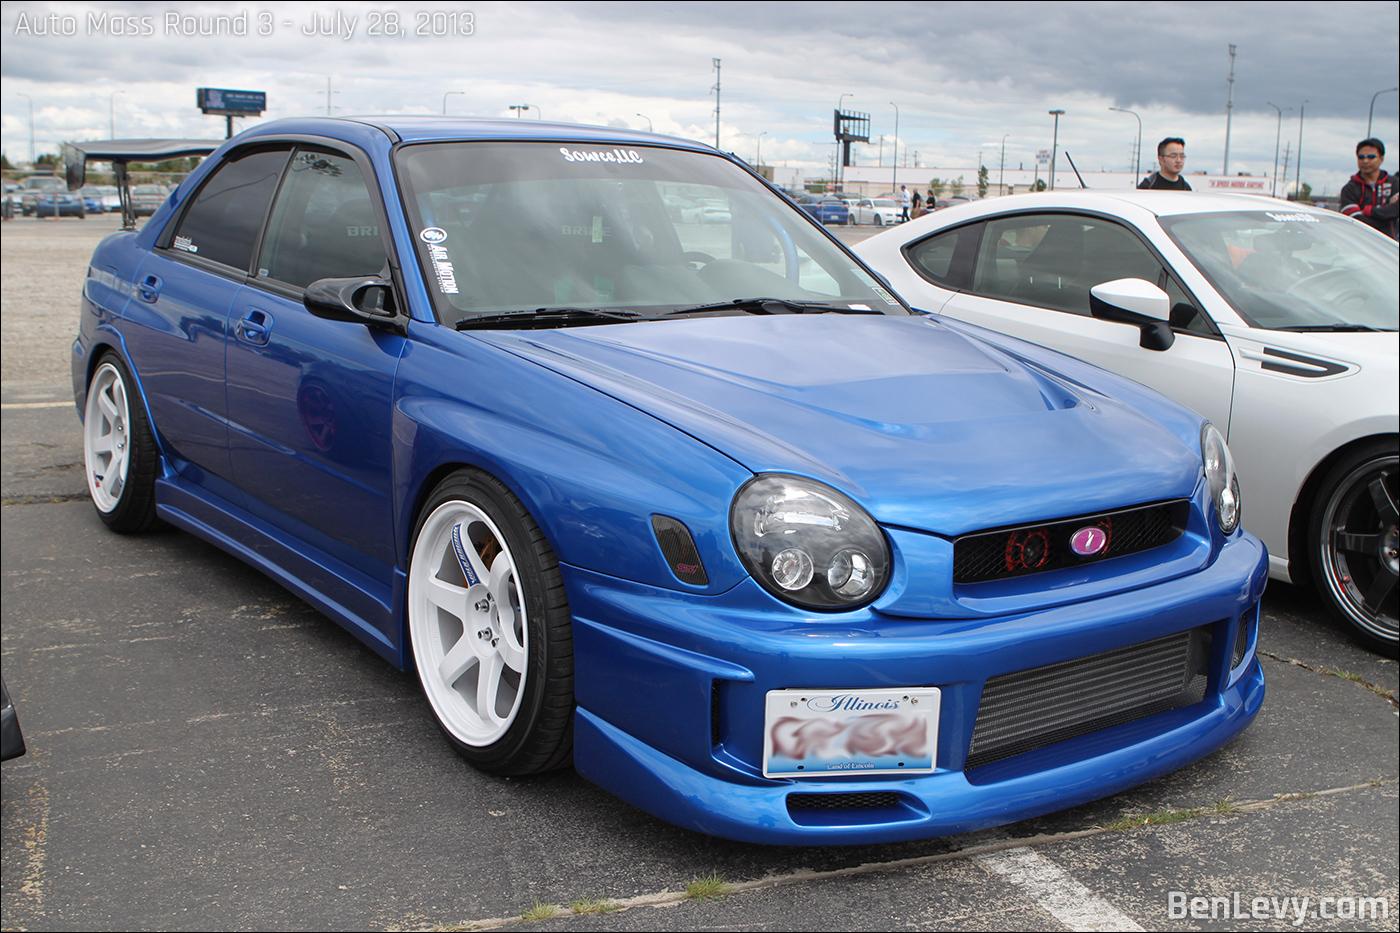 Blue Subaru Wrx Benlevy Com